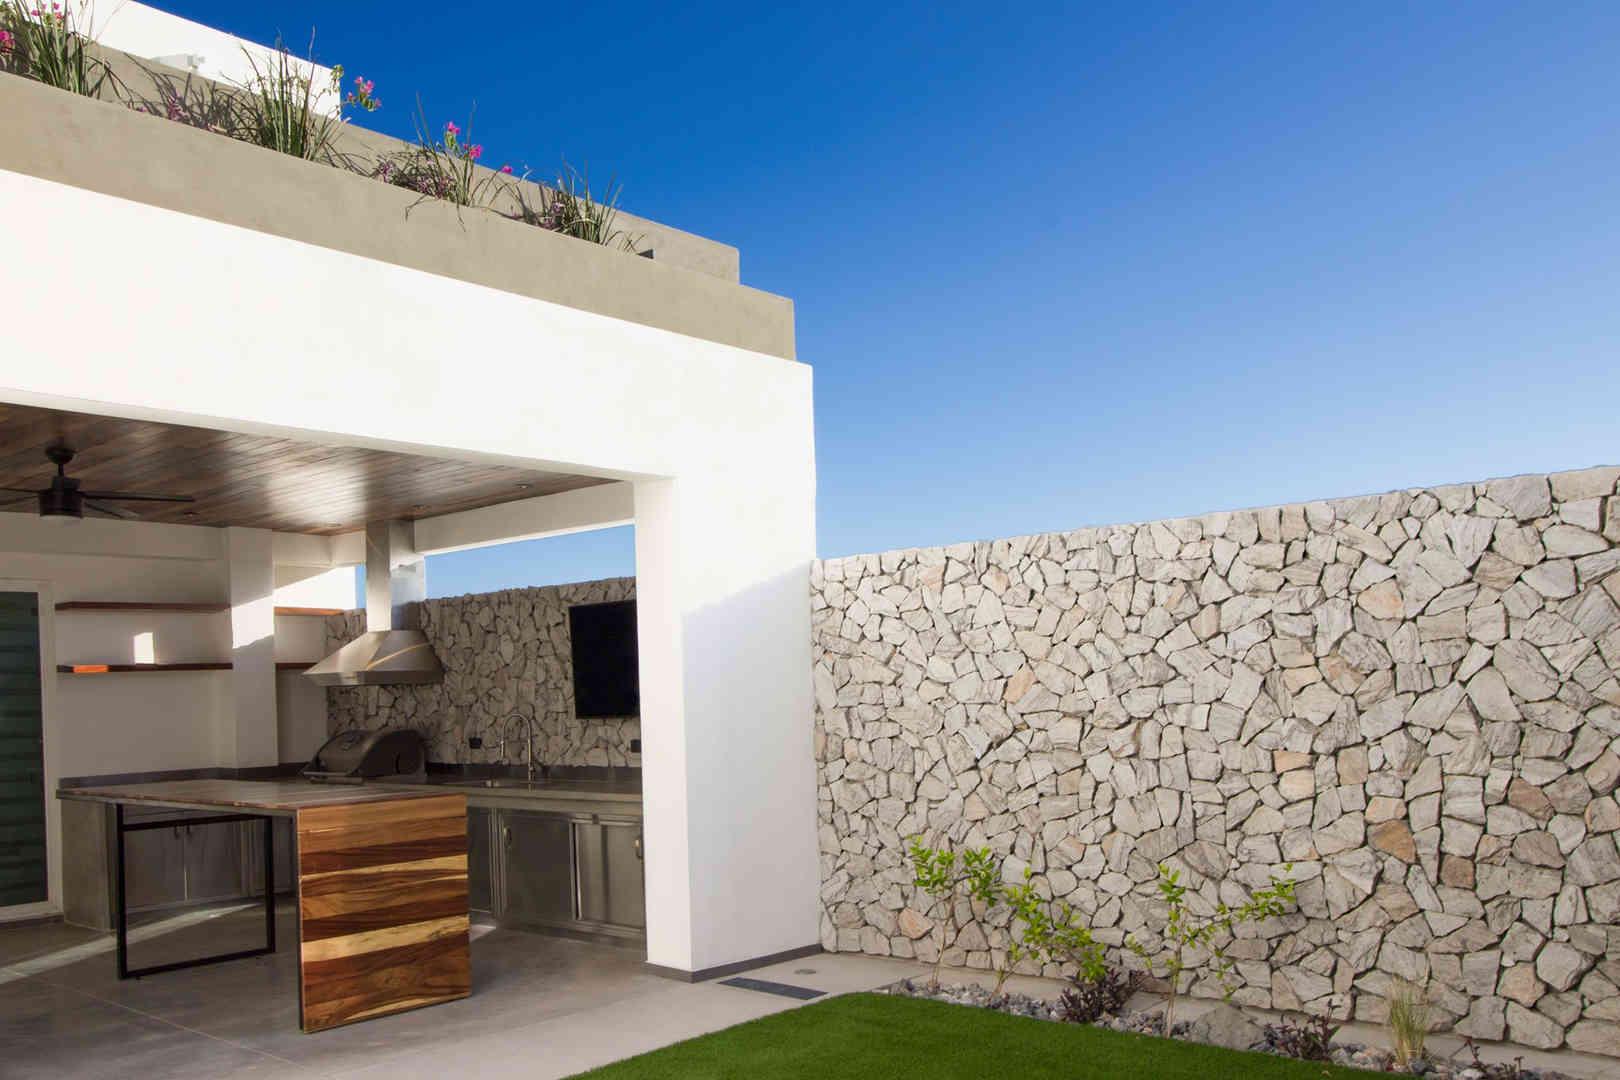 residencial-hermosillo-gose-1